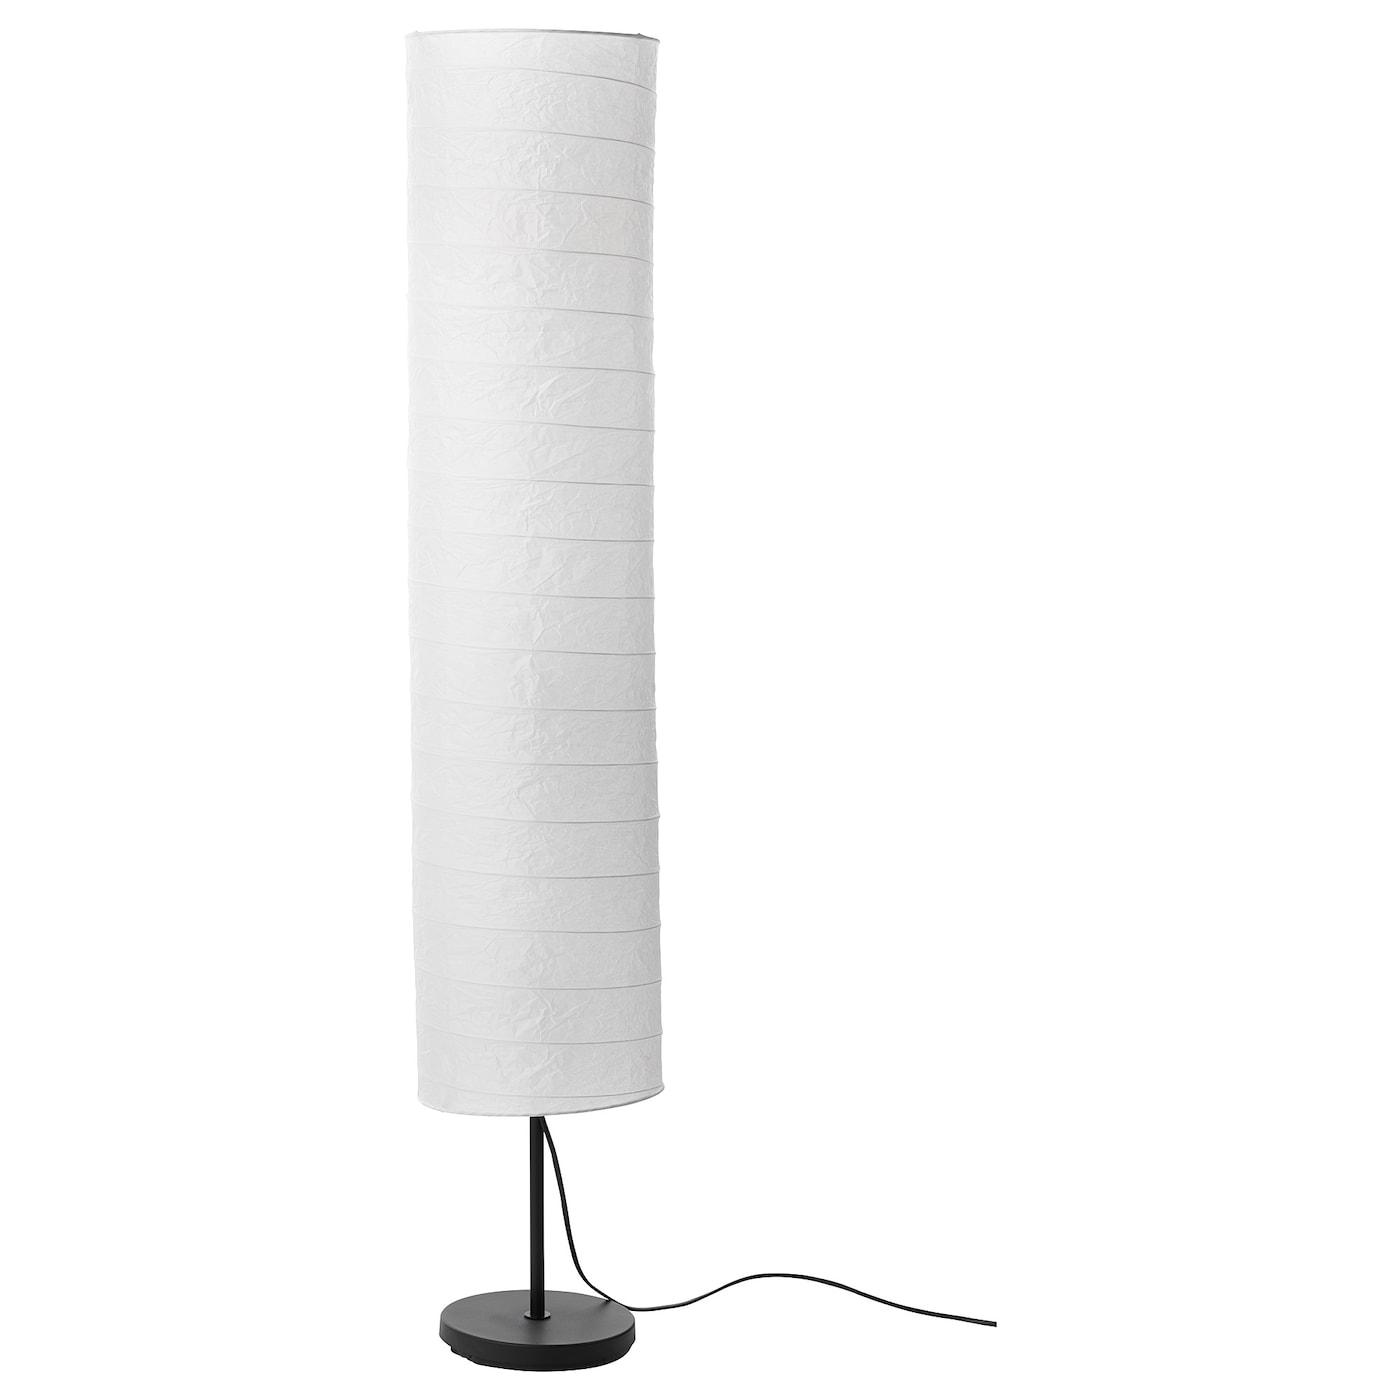 IKEA ÄNGLAND Standleuchte 155cm ; A+ Stehleuchte Standlampe